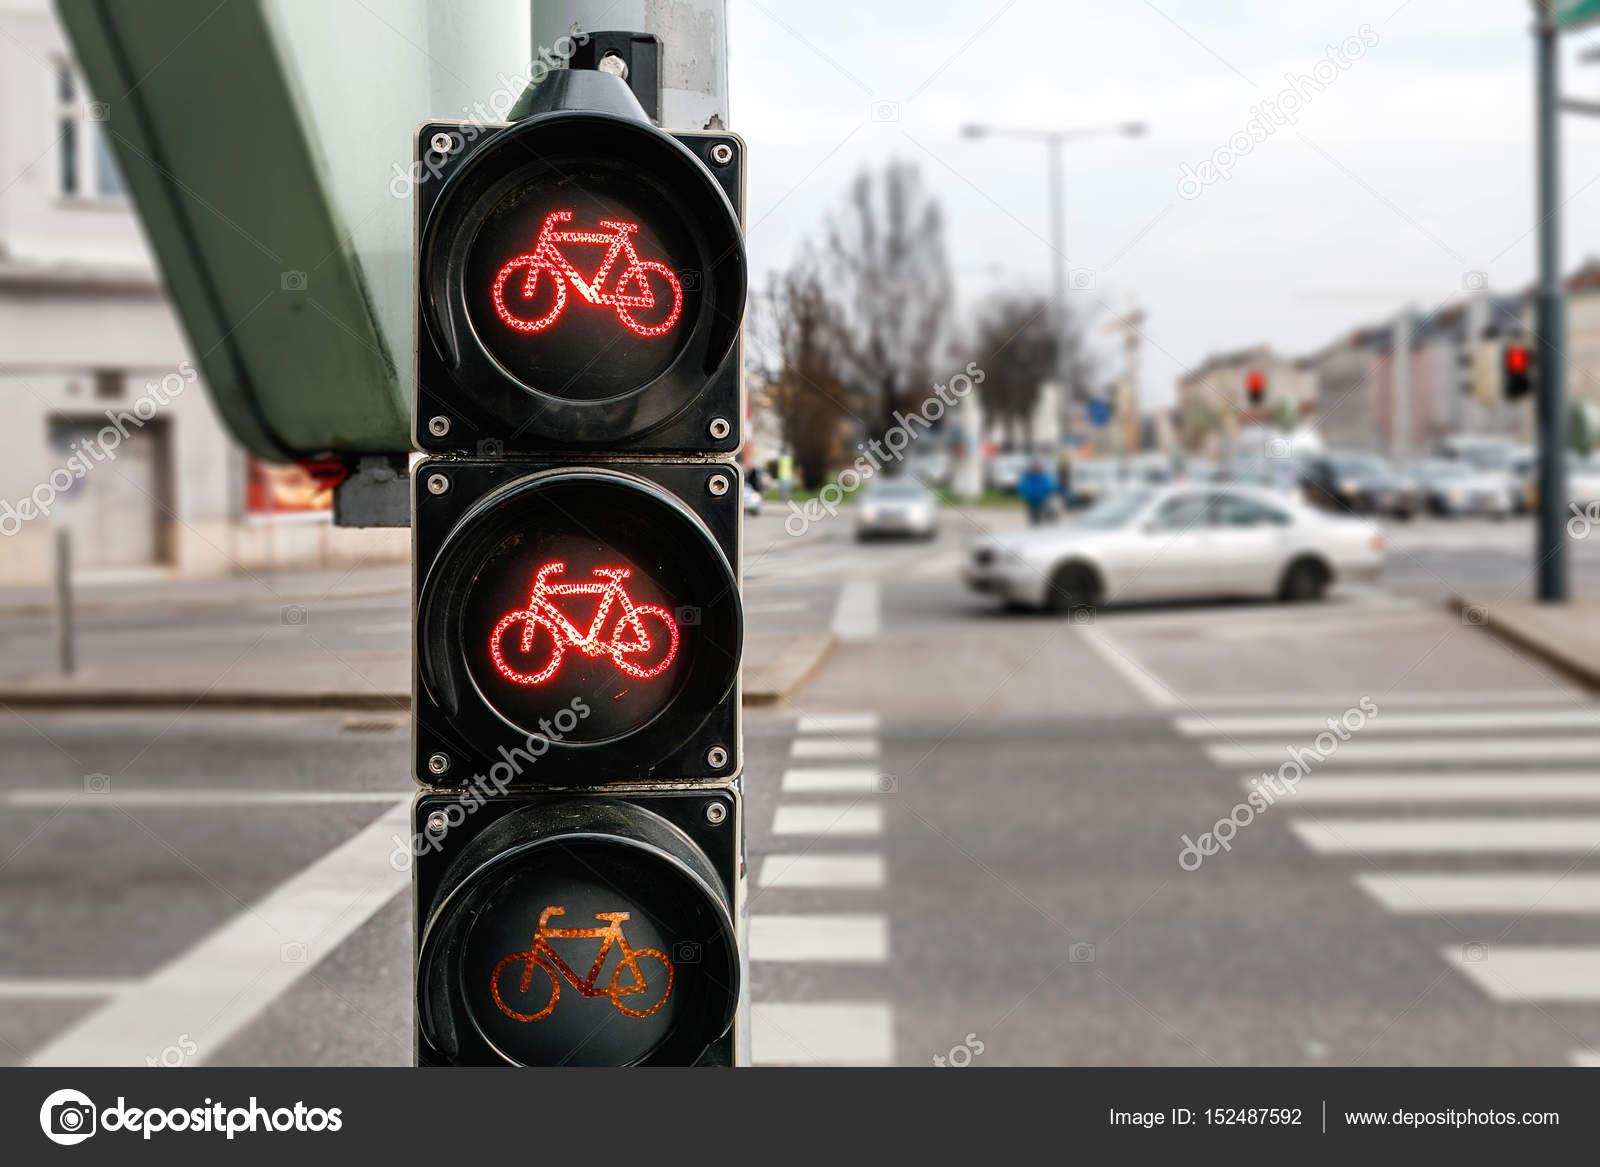 Roten Fahrrad Ampel Auf Dem Stadt Straße Hintergrund Stockfoto